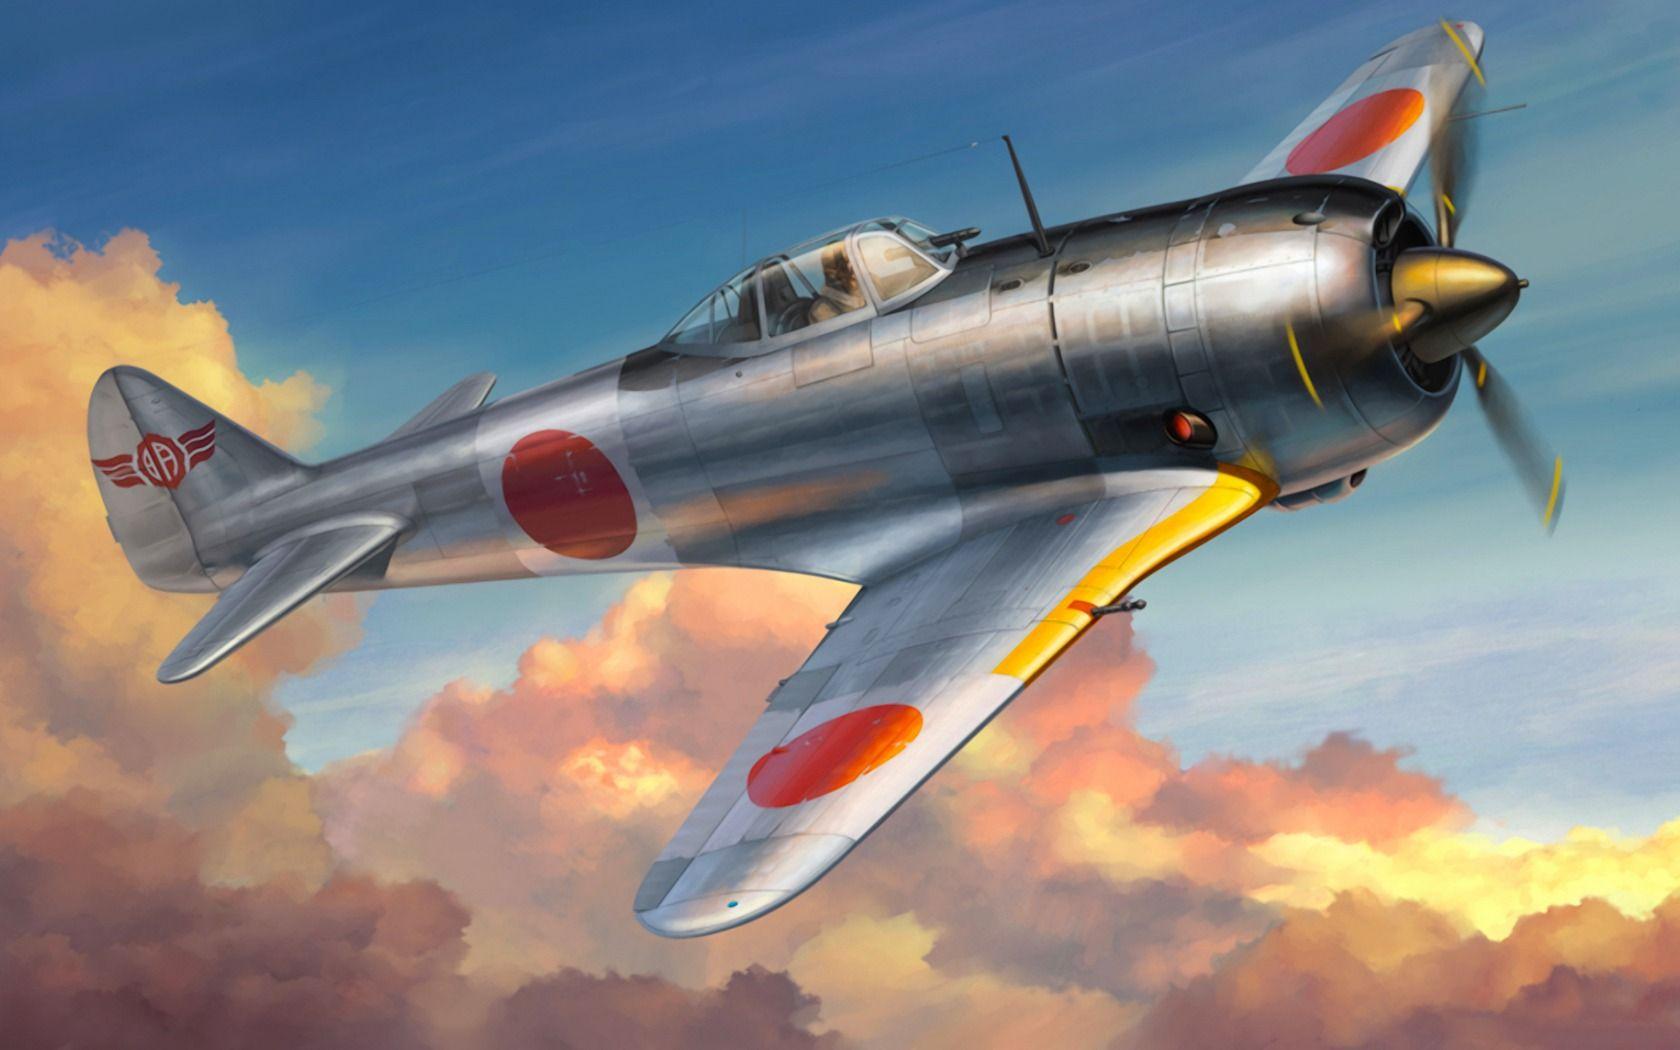 ボード 日本陸軍軍用機 のピン